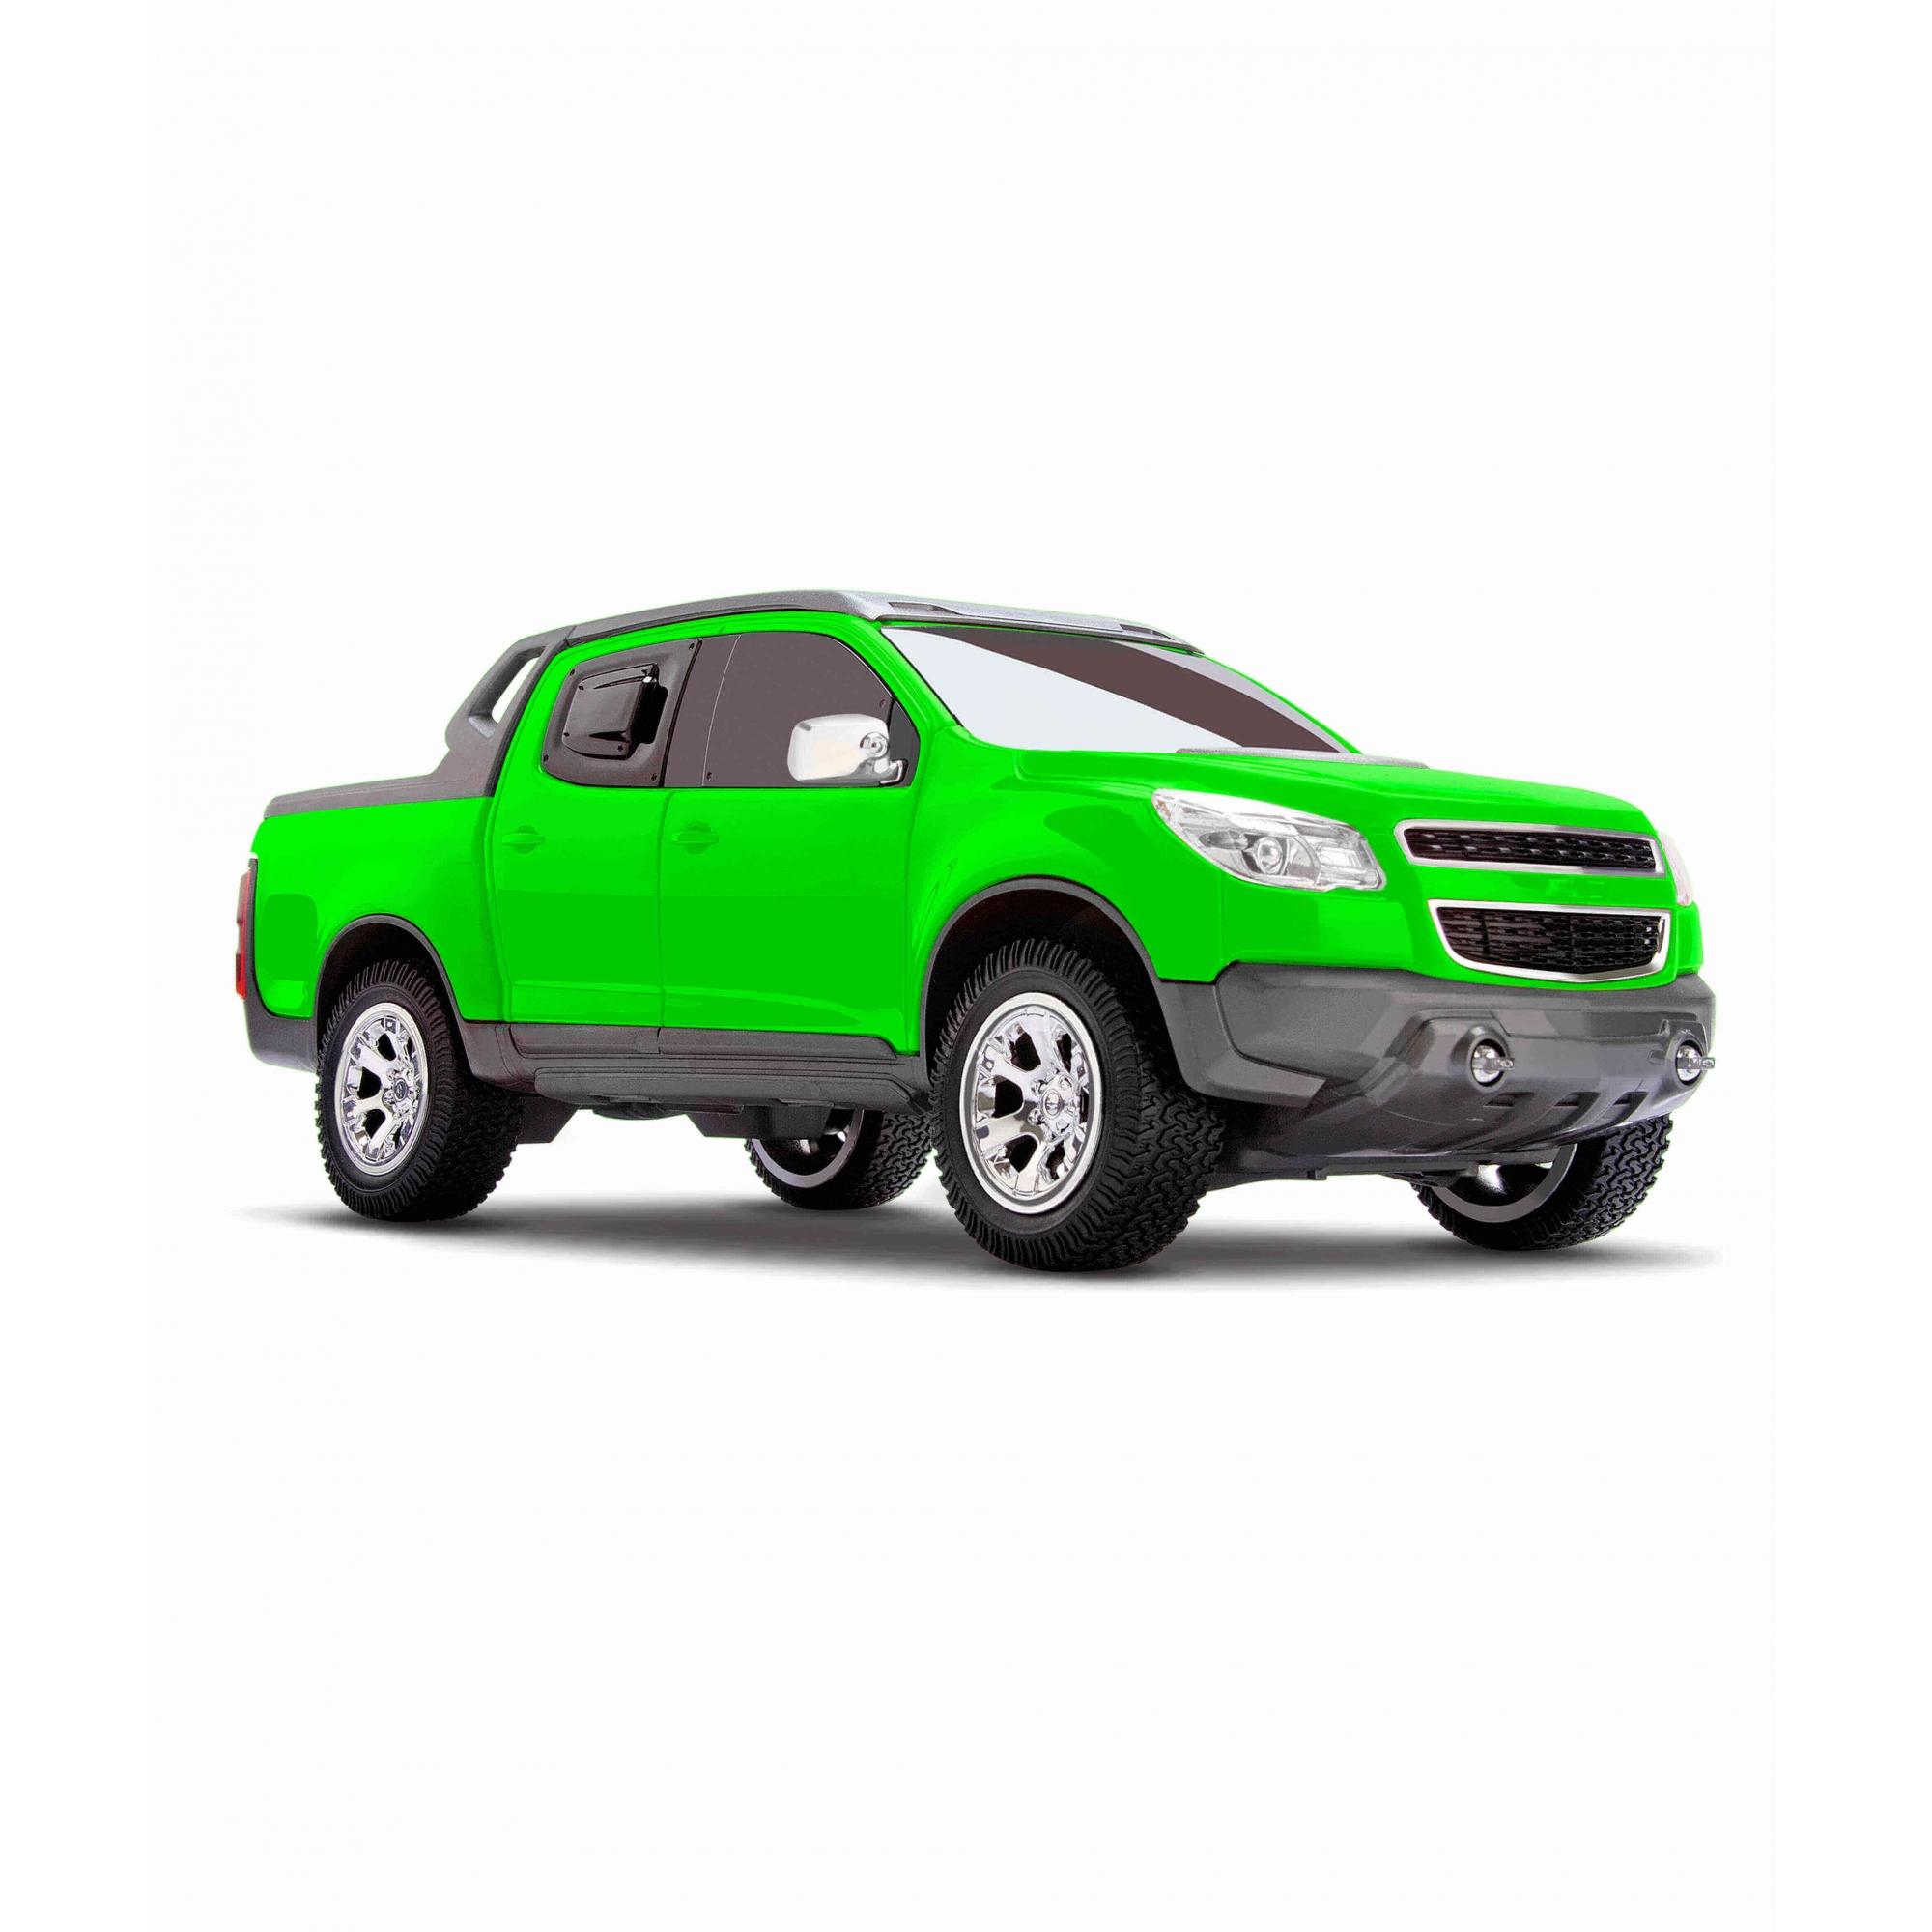 Miniatura Chevrolet S-10 Rally - Verde